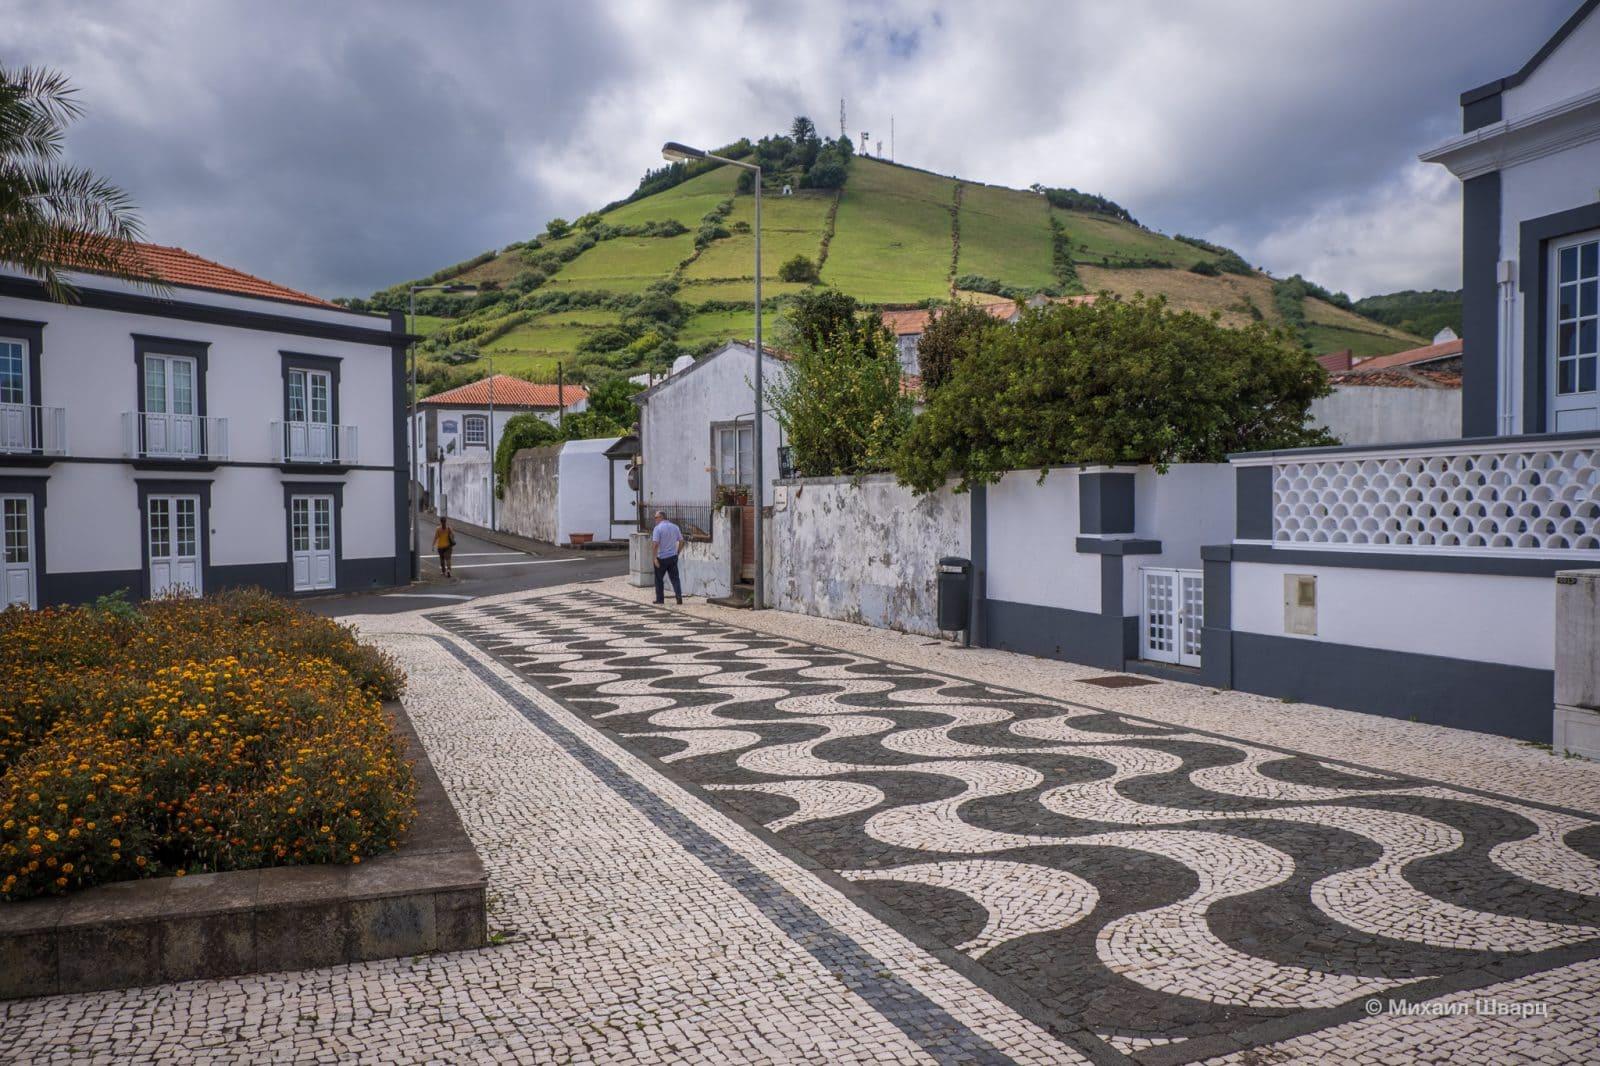 Португальский тротуар